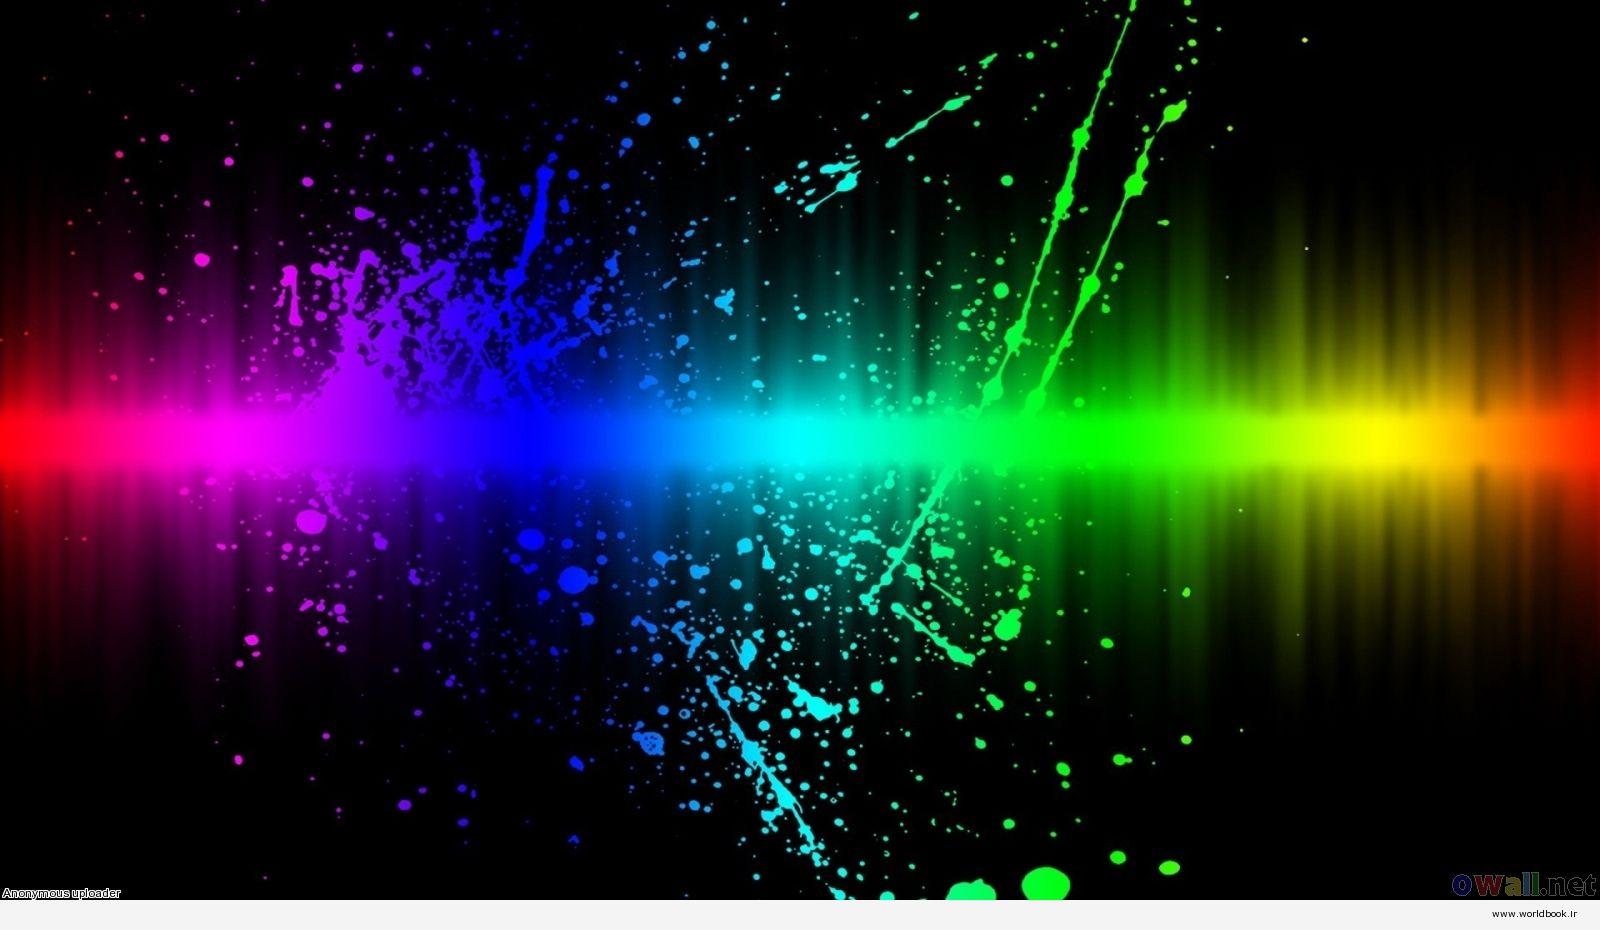 تصویر از دانلود آهنگ لایت DimChris-Hype-OriginalMix